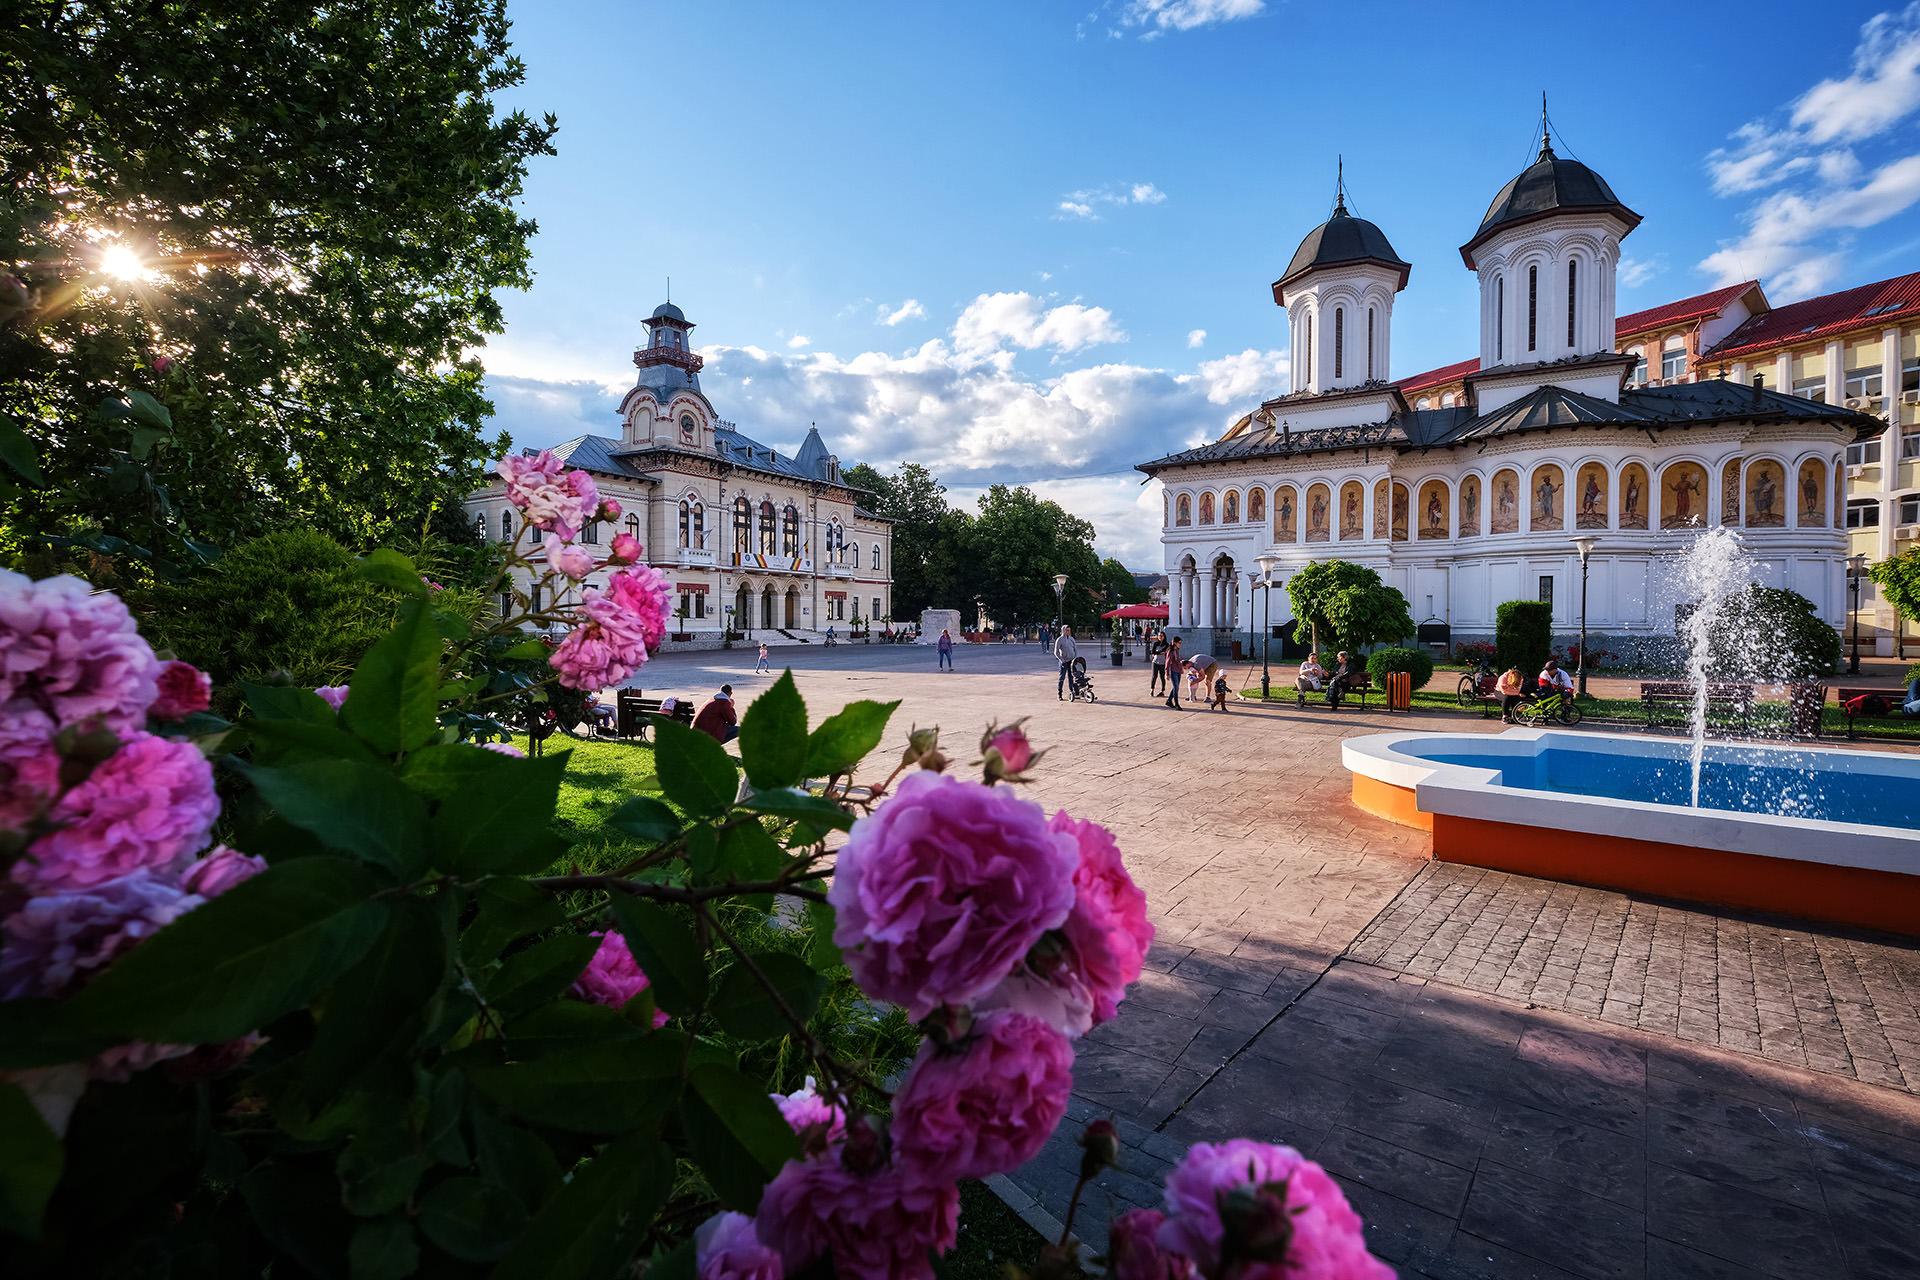 City of Targu Jiu in Romania 01